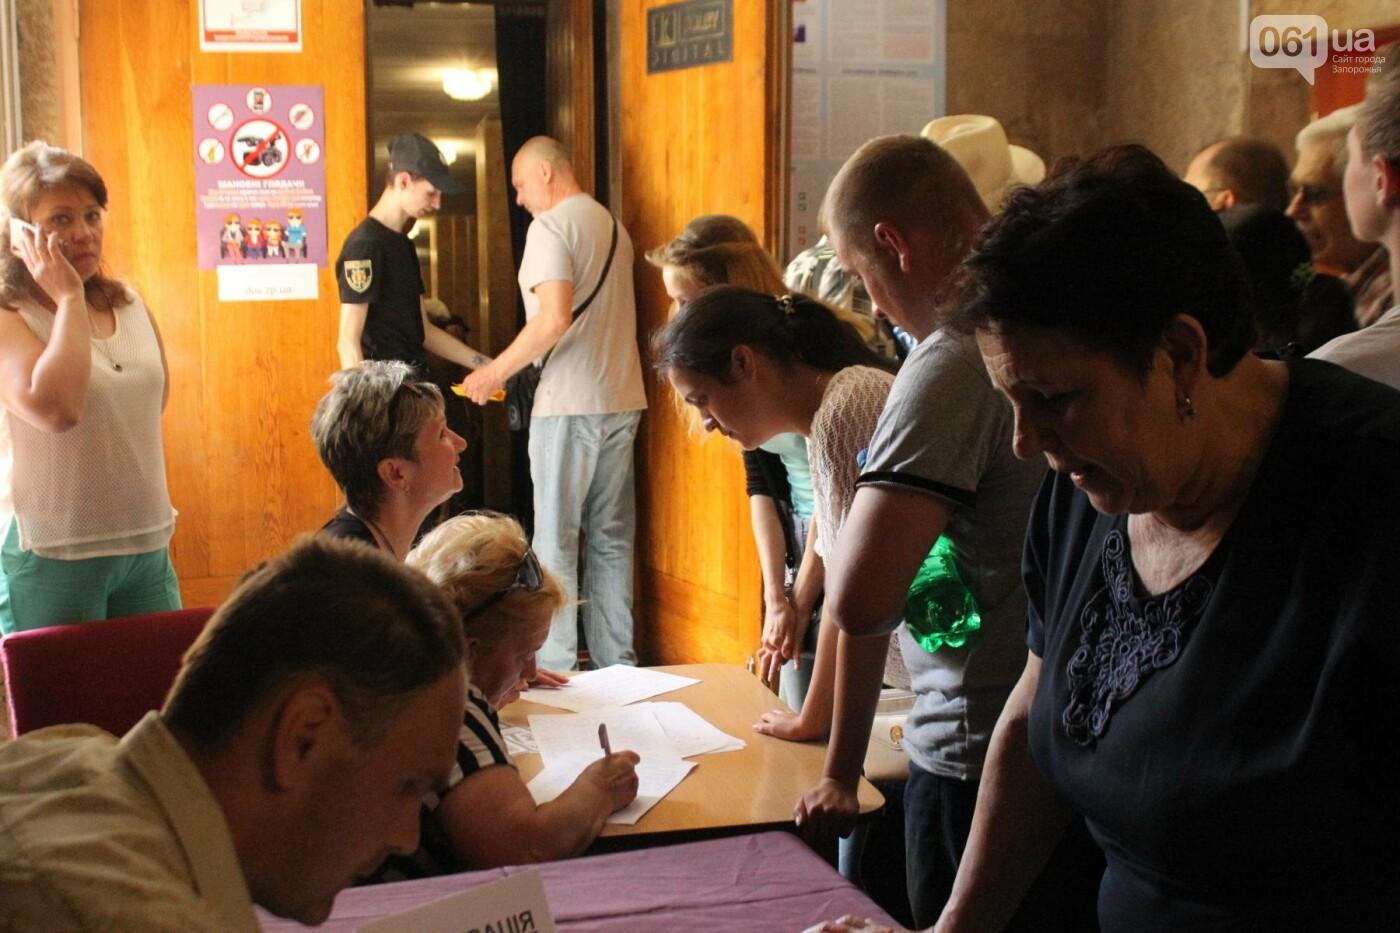 Как прошли общественные слушания о застройке сквера Яланского, – ФОТОРЕПОРТАЖ, фото-4